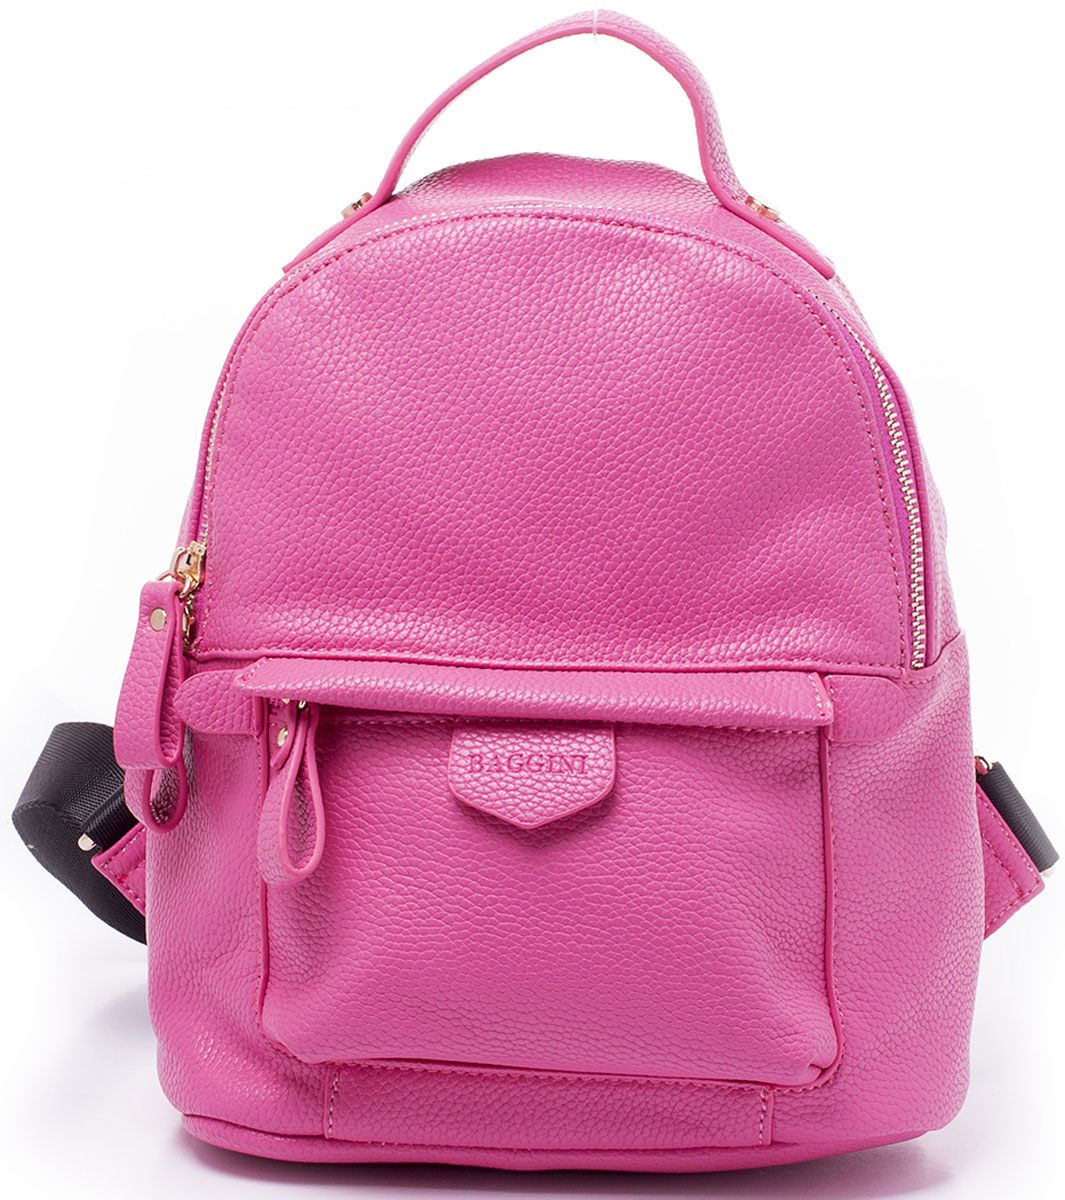 Рюкзак женский Baggini, цвет: розовый. 29882/64S76245Компактный рюкзак Baggini подойдет как для создания романтичного и непринужденного образа, так и для функциональных потребностей к изделию. Рюкзак, несмотря на свои габариты, оснащен множеством карманов: один на застежке-молнии снаружи спереди, еще один, так же на молнии, сзади, четыре кармана внутри отделения - накладной для телефона, карман-разделитель на молнии, формирующий позади себя еще один карман и прорезной карман на застежке-молнии. Рюкзак оснащен широкими регулируемыми наплечными лямками и ручкой сверху для удобной переноски. Главное отделение застегивается на молнию.